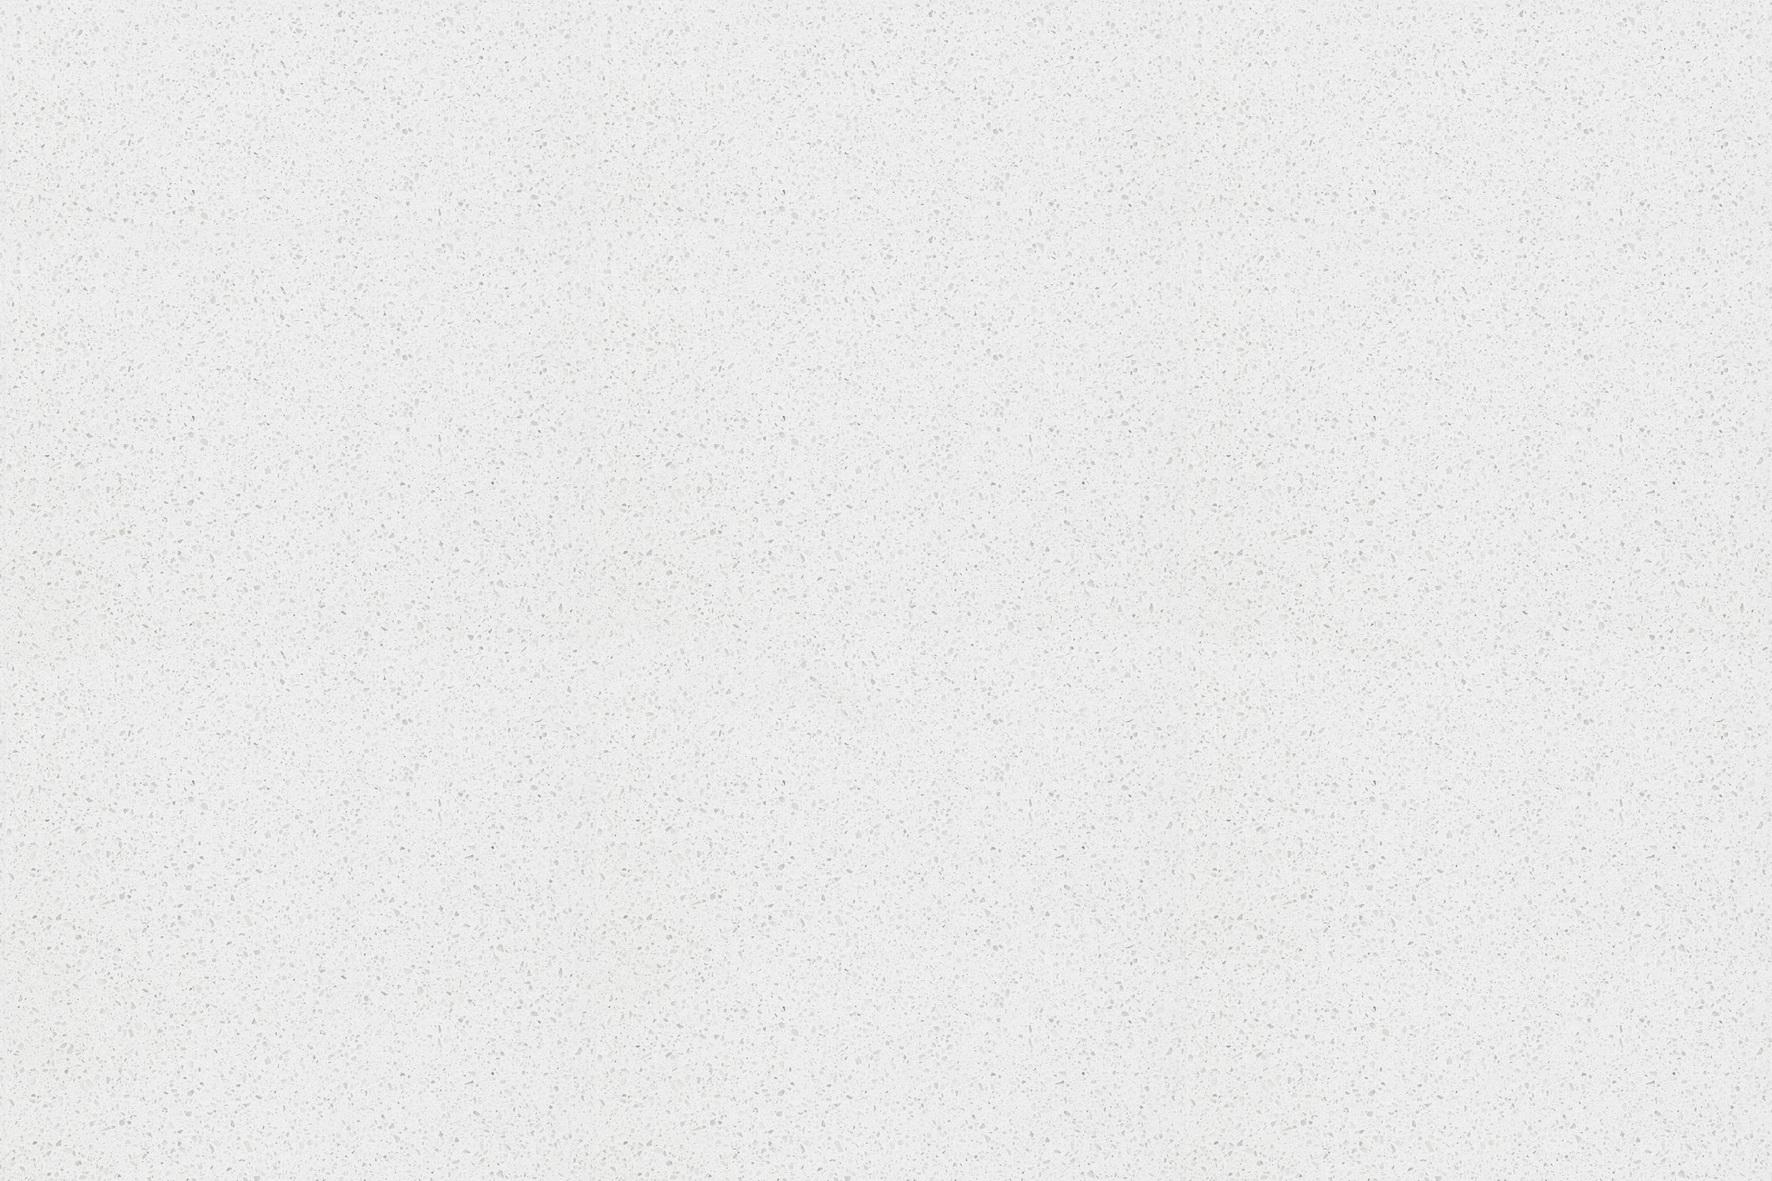 ARCTIC WHITE-UNIPLUS - UNIPLUS-LUCIDE Foto: 1_58335_37621.jpg